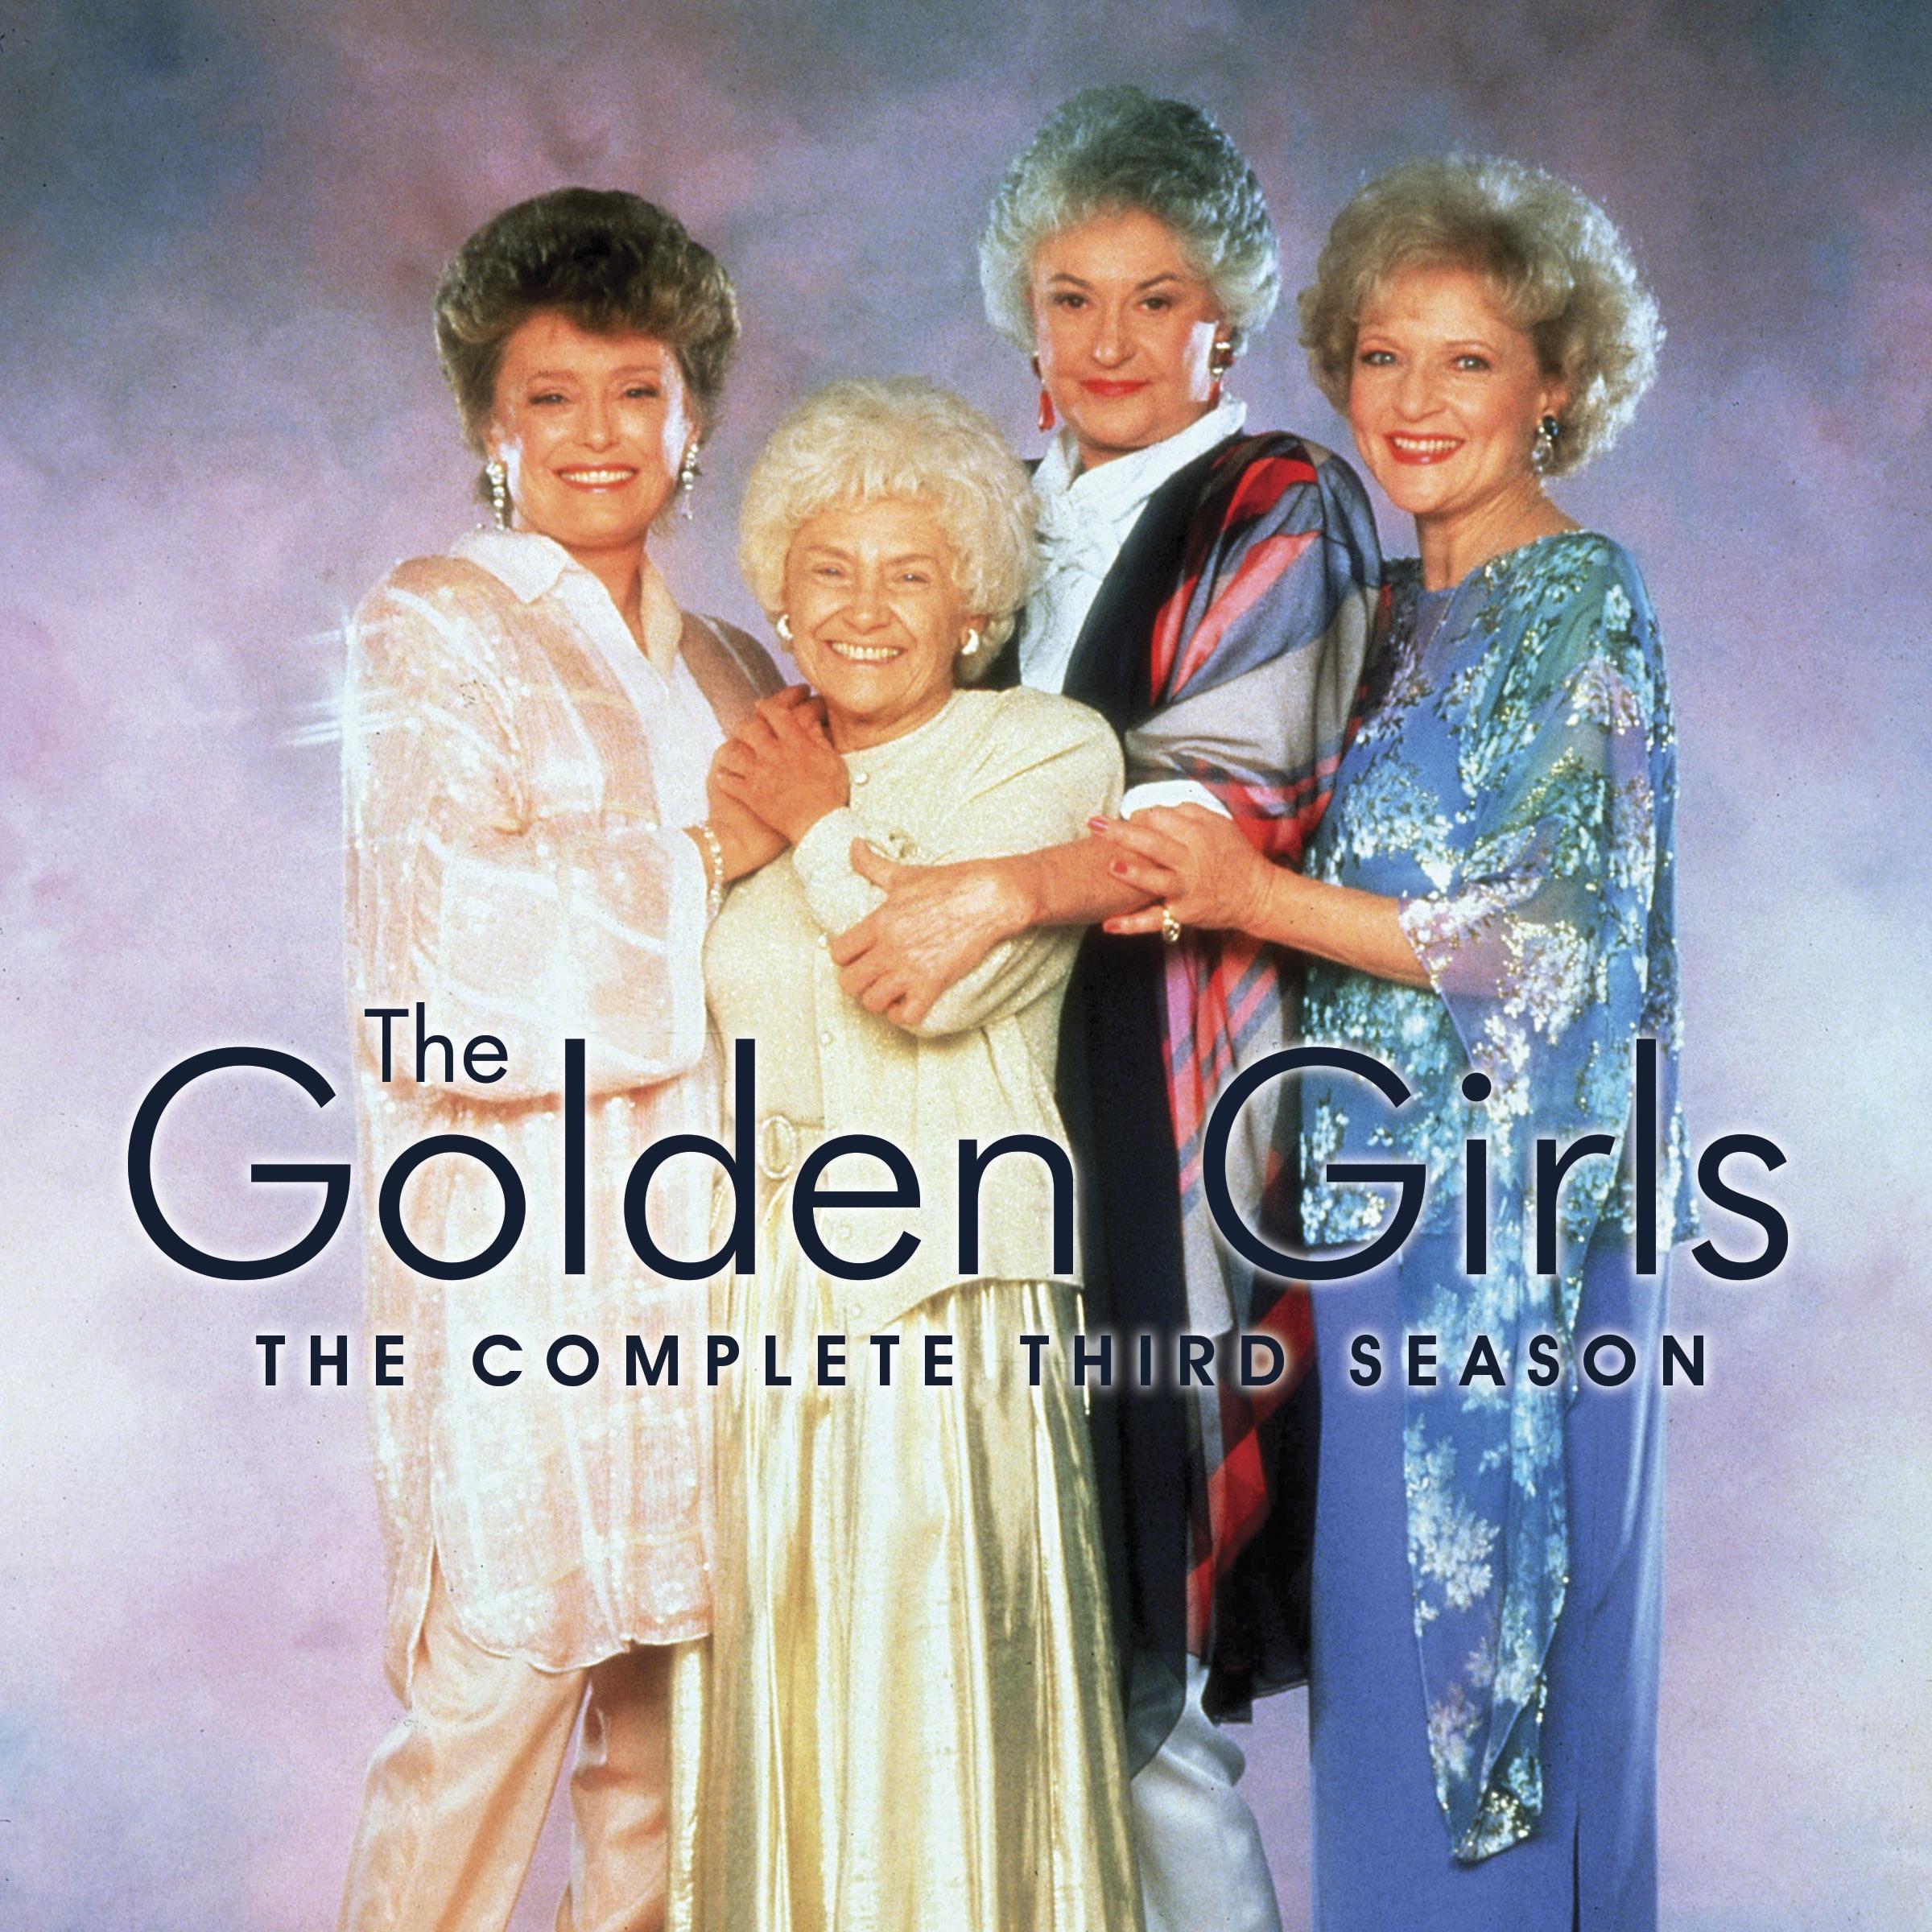 The Golden Girls, Season 3 on iTunes